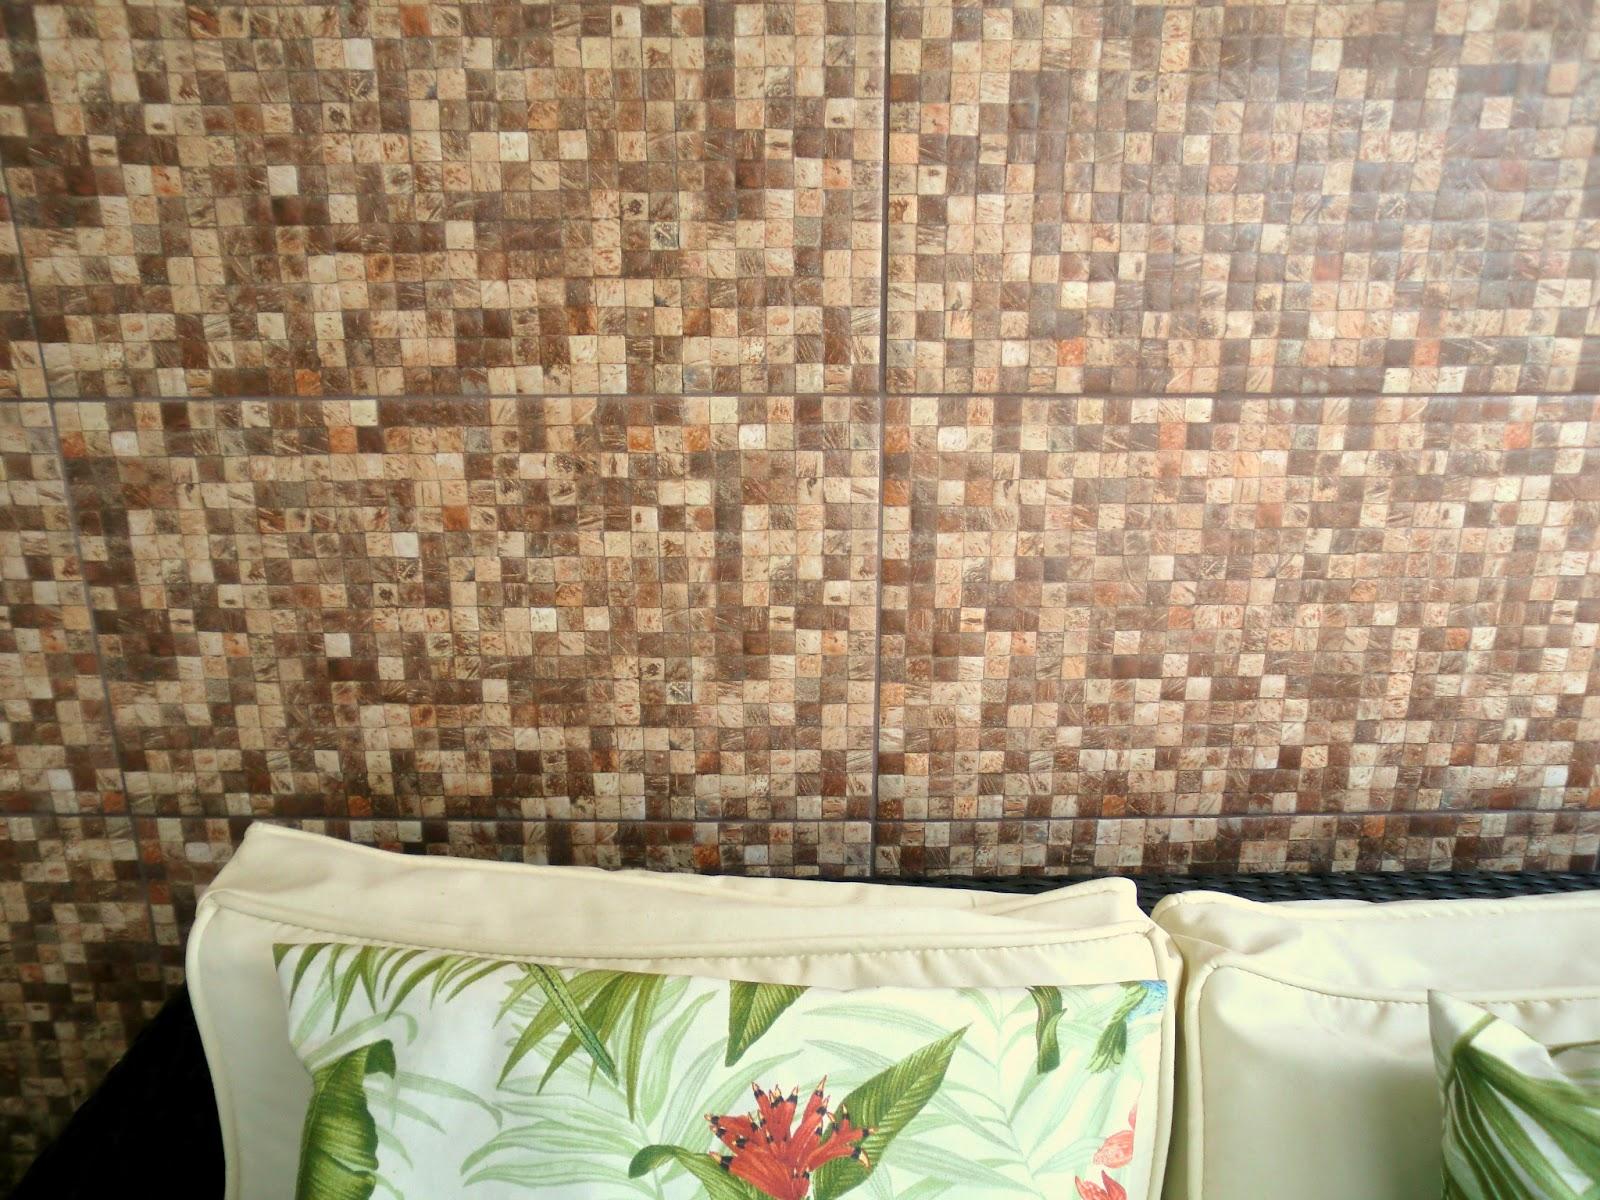 Antes e Depois: Revestimento que imita pastilha de coco na varanda  #974C34 1600x1200 Banheiro Com Azulejo Que Imita Pastilha